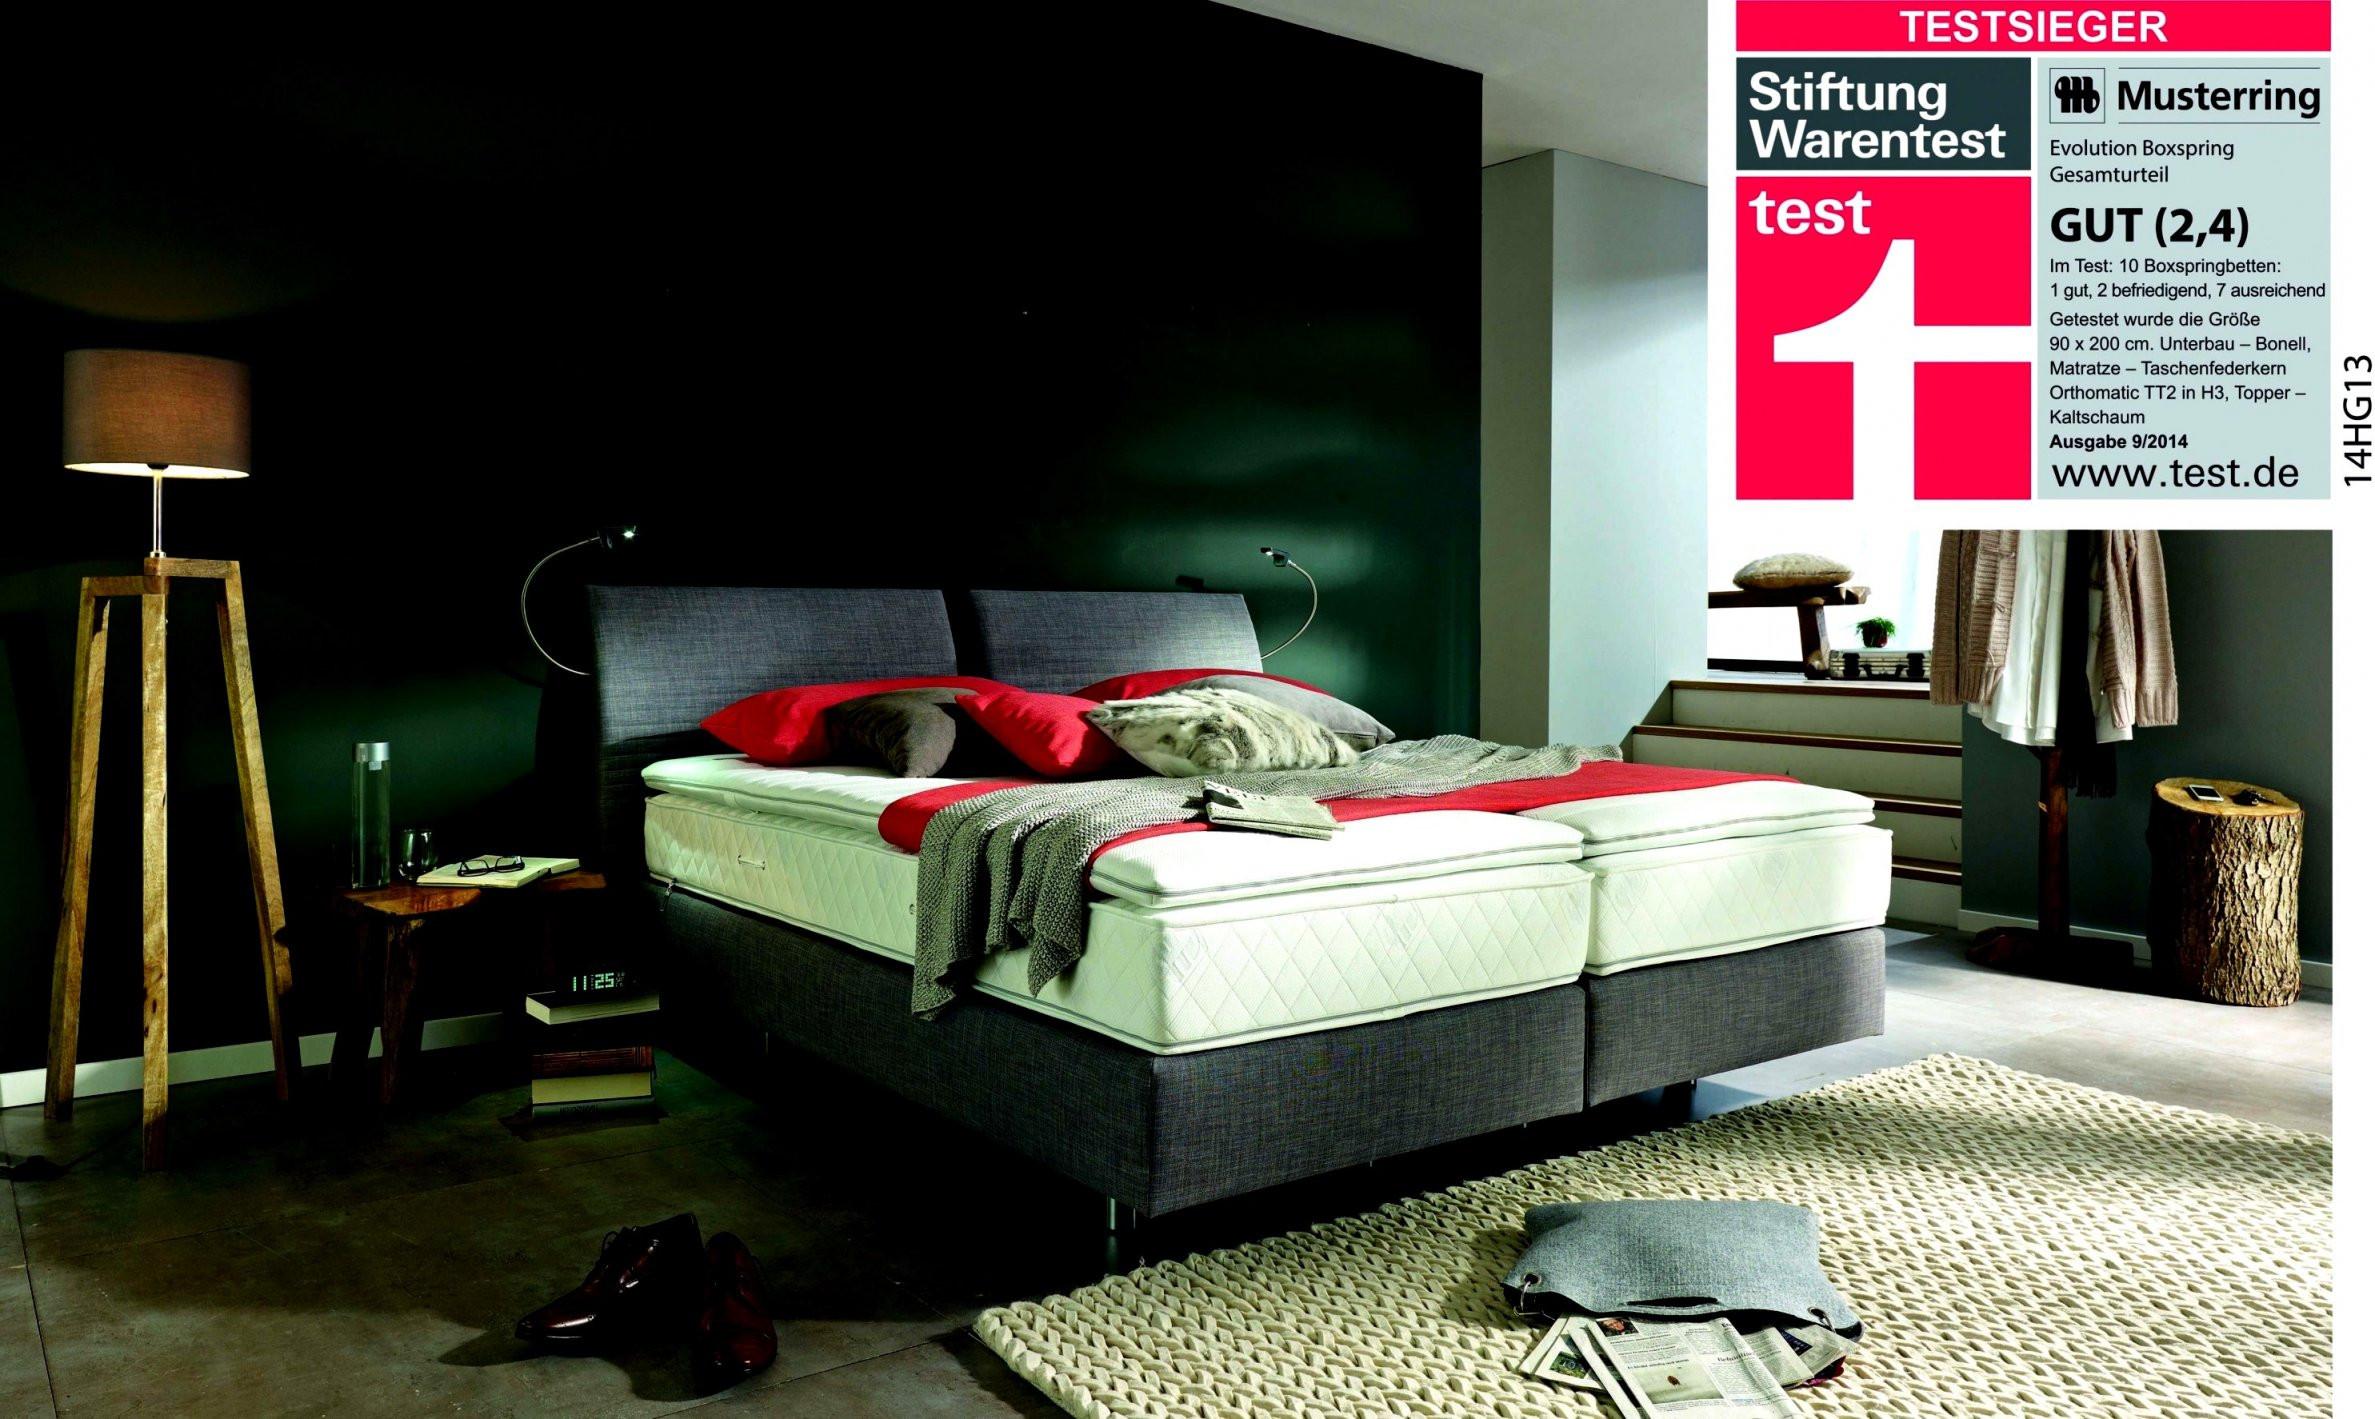 Full Size of Ruf Milano Boxspringbett Betten Bewertung Bett Kollektion Von Vk Fabrikverkauf Preise Schlafzimmer Set Mit Wohnzimmer Ruf Milano Boxspringbett